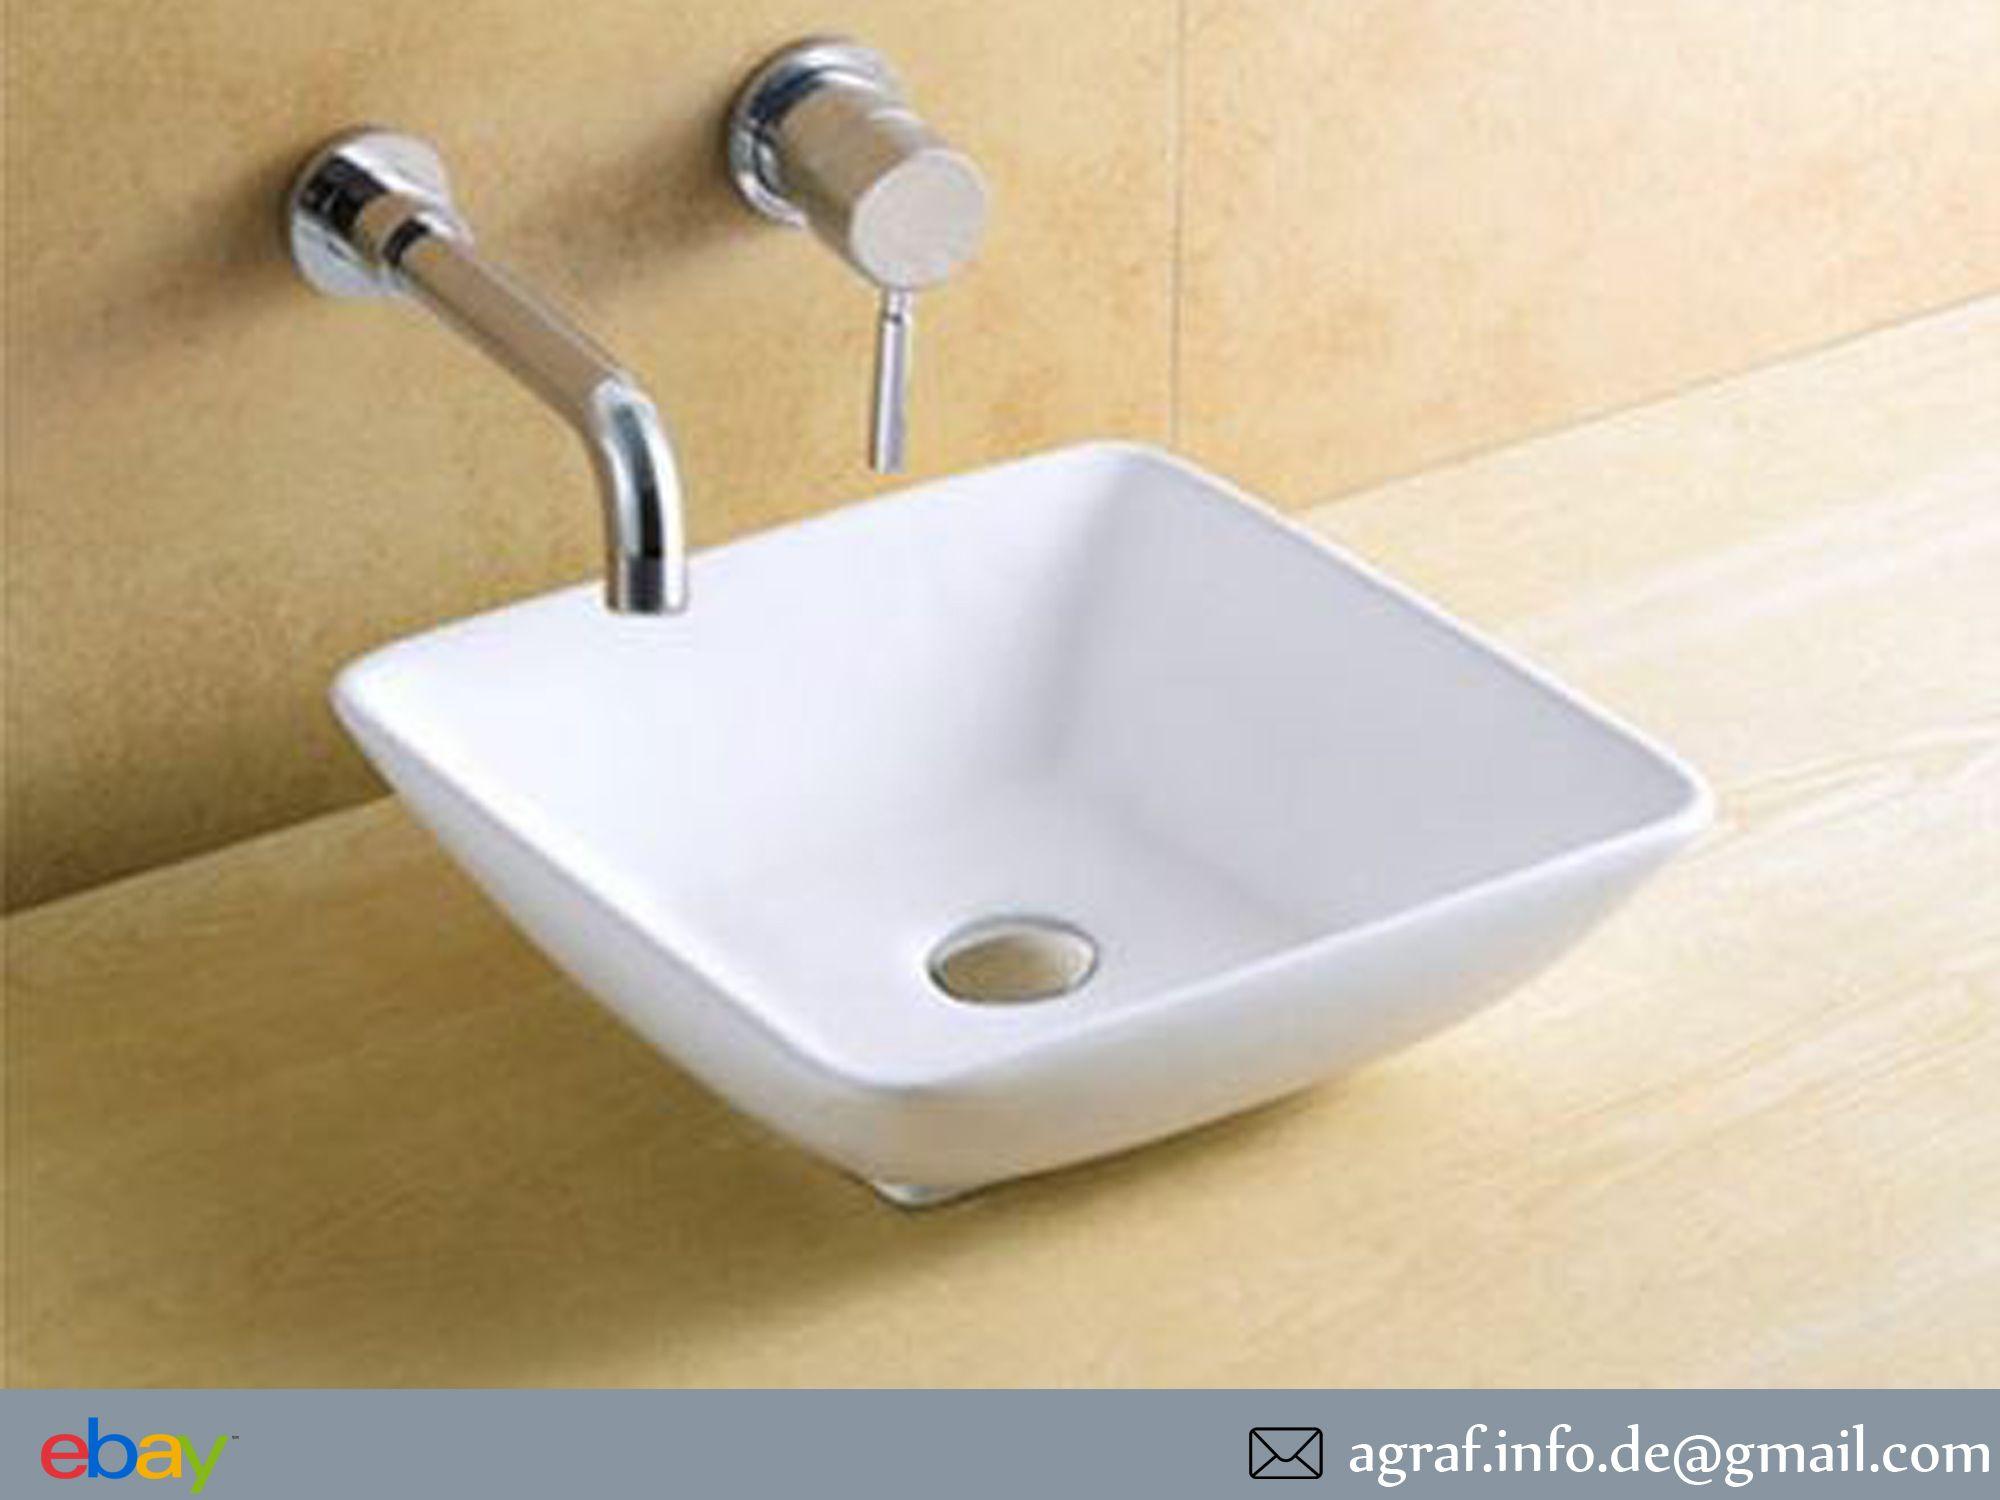 wir bieten ihnen hier einen waschbecken auf der platte 42x42 cm 8285